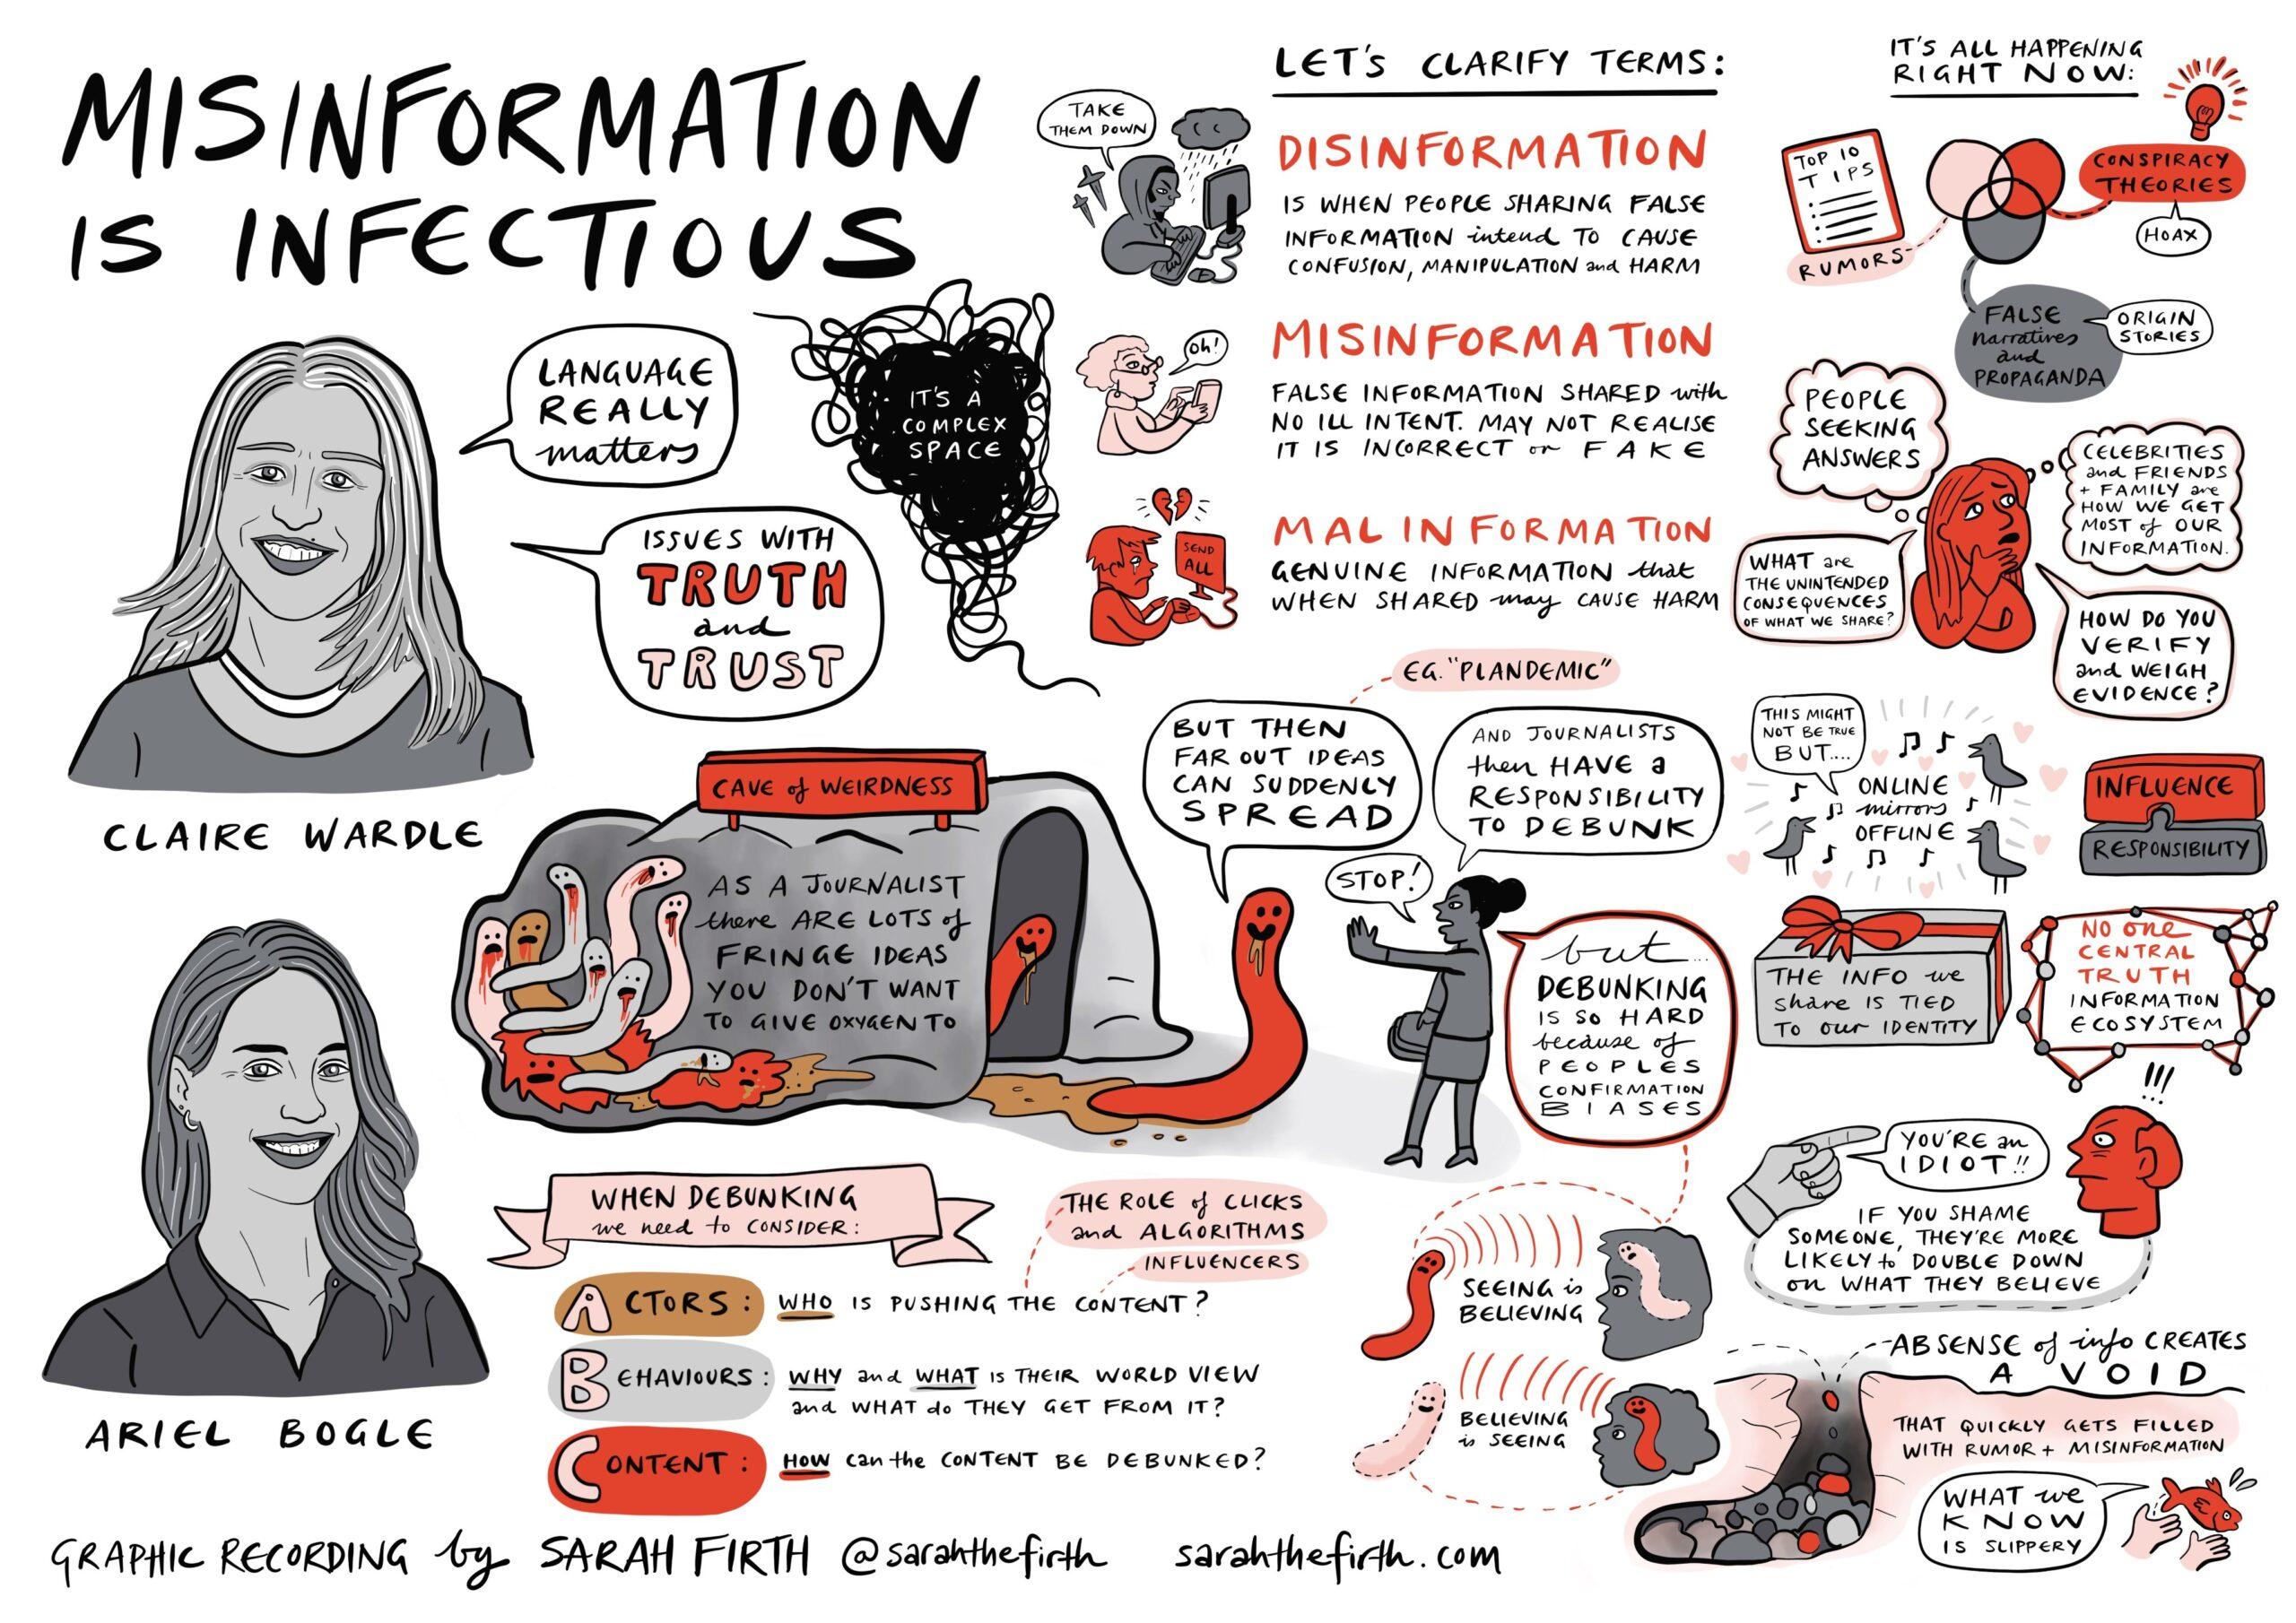 Föredraget Misinformation is infectious sammanfattat. Se denna artikel för innehåll.